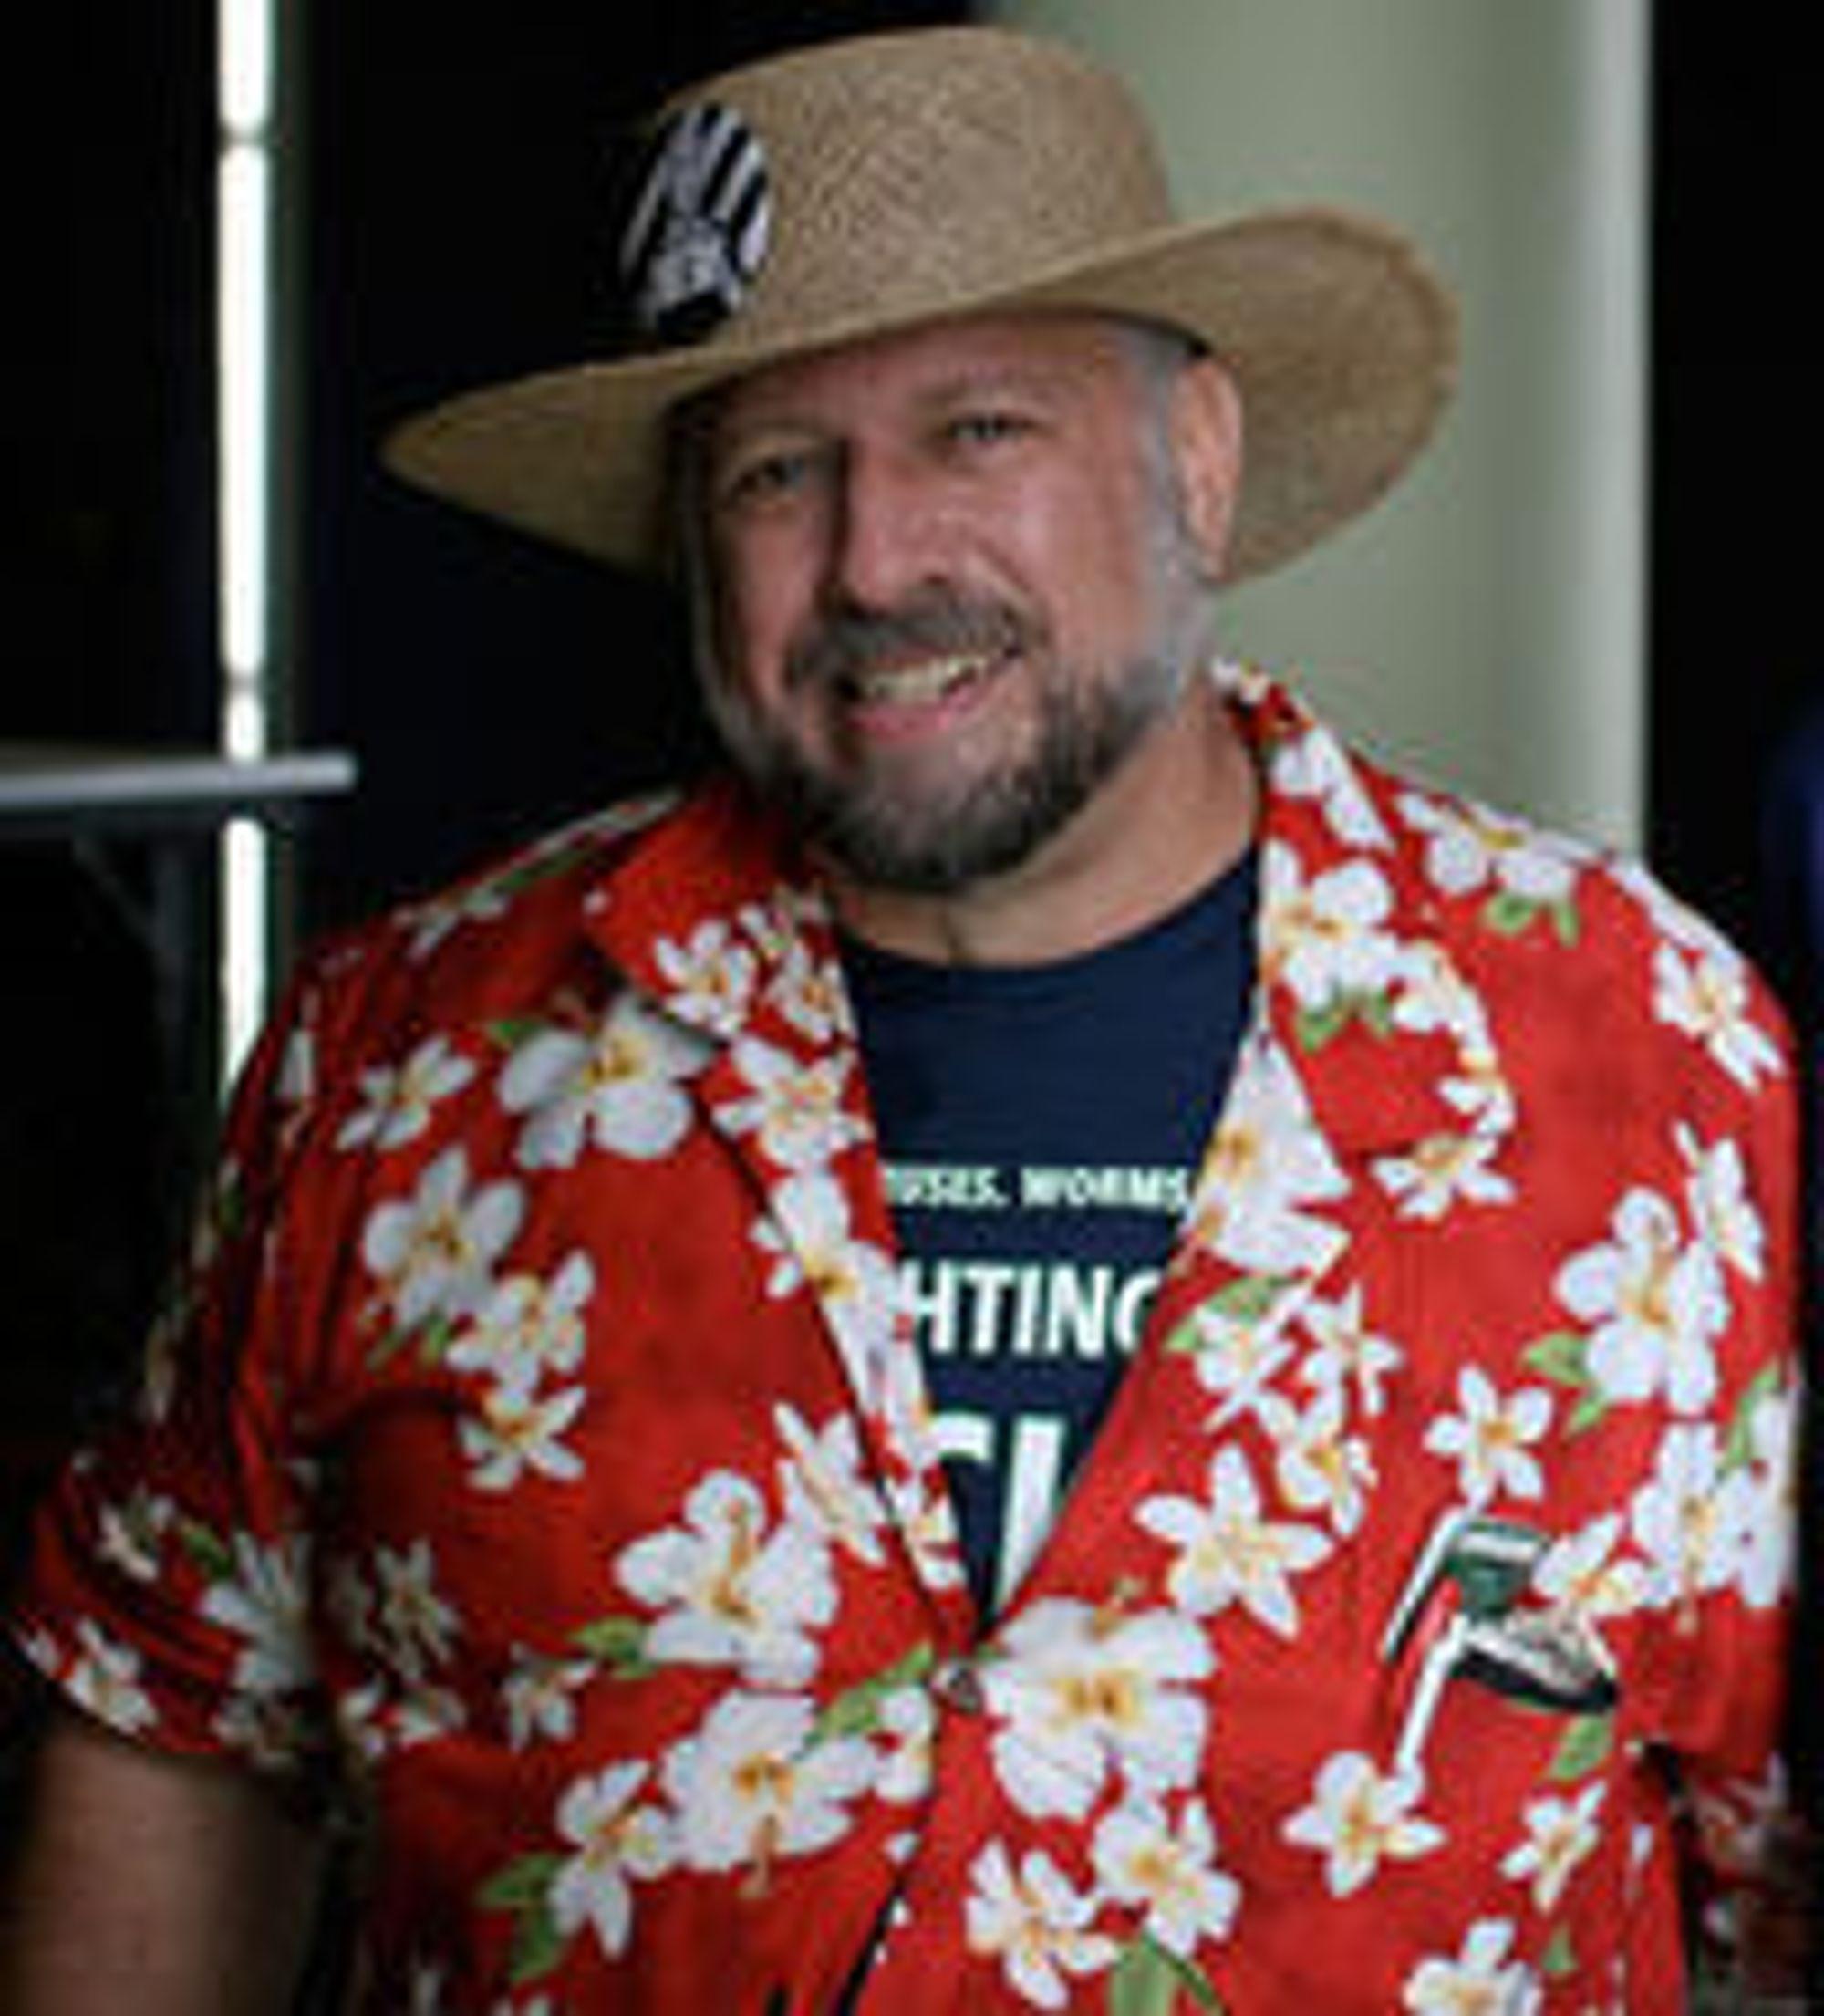 Michael S. Hart på et bilde tatt i 2006.